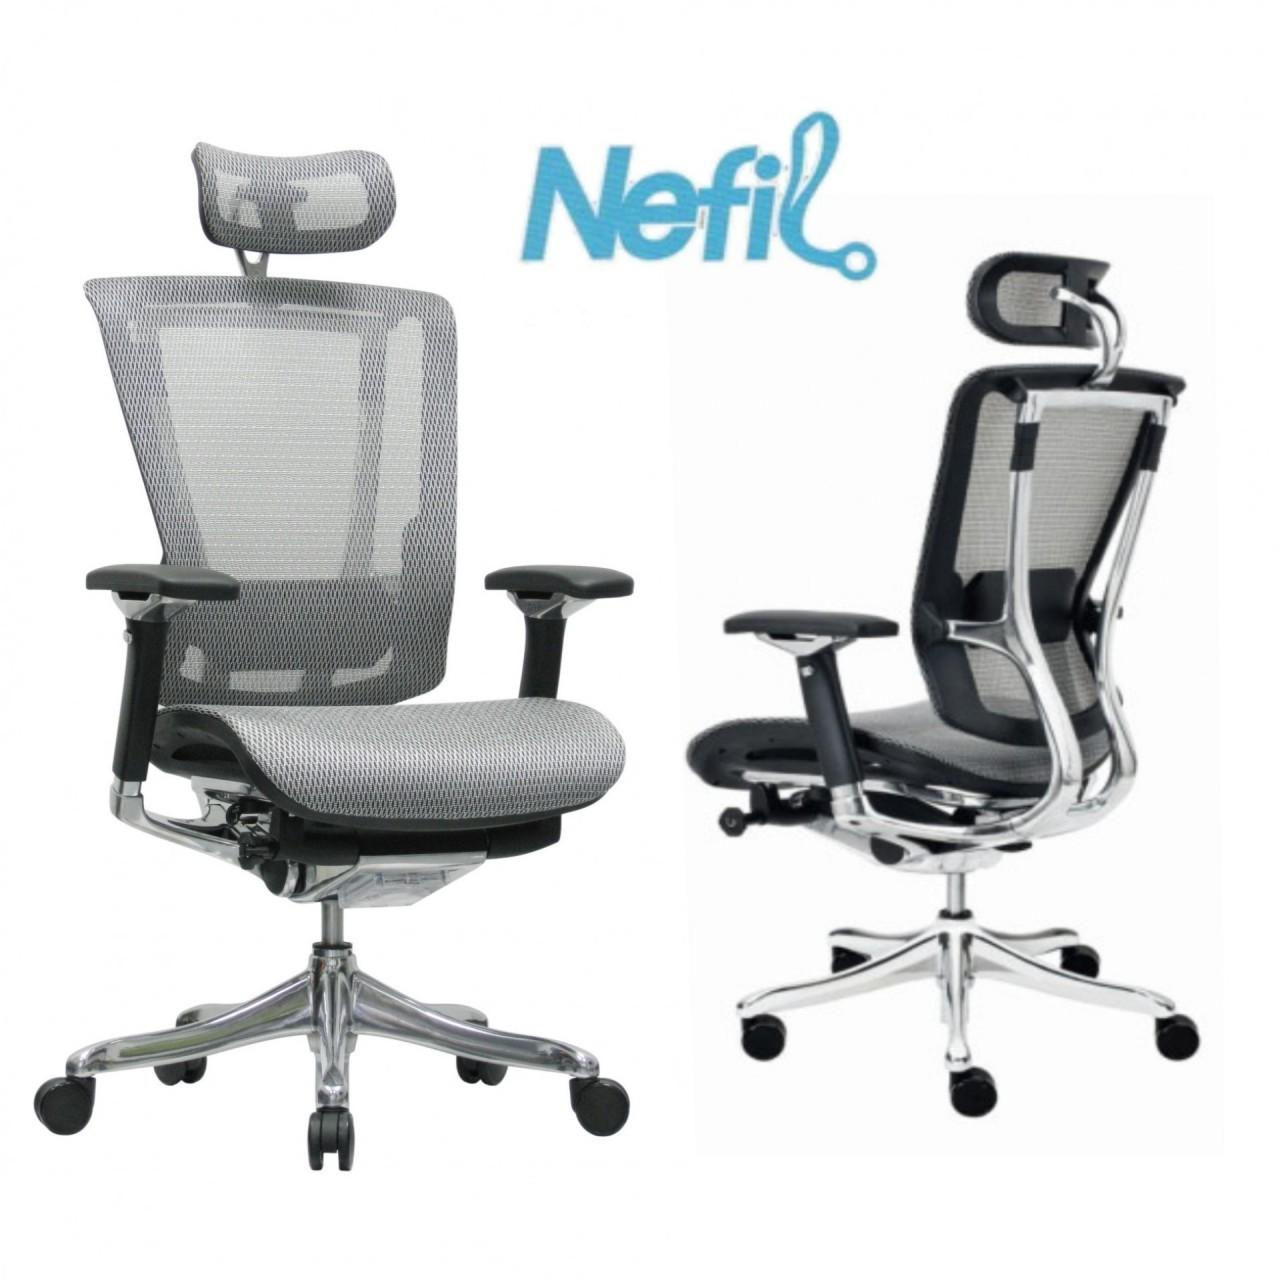 Nefil 131人體工學椅-巧迪電腦網椅